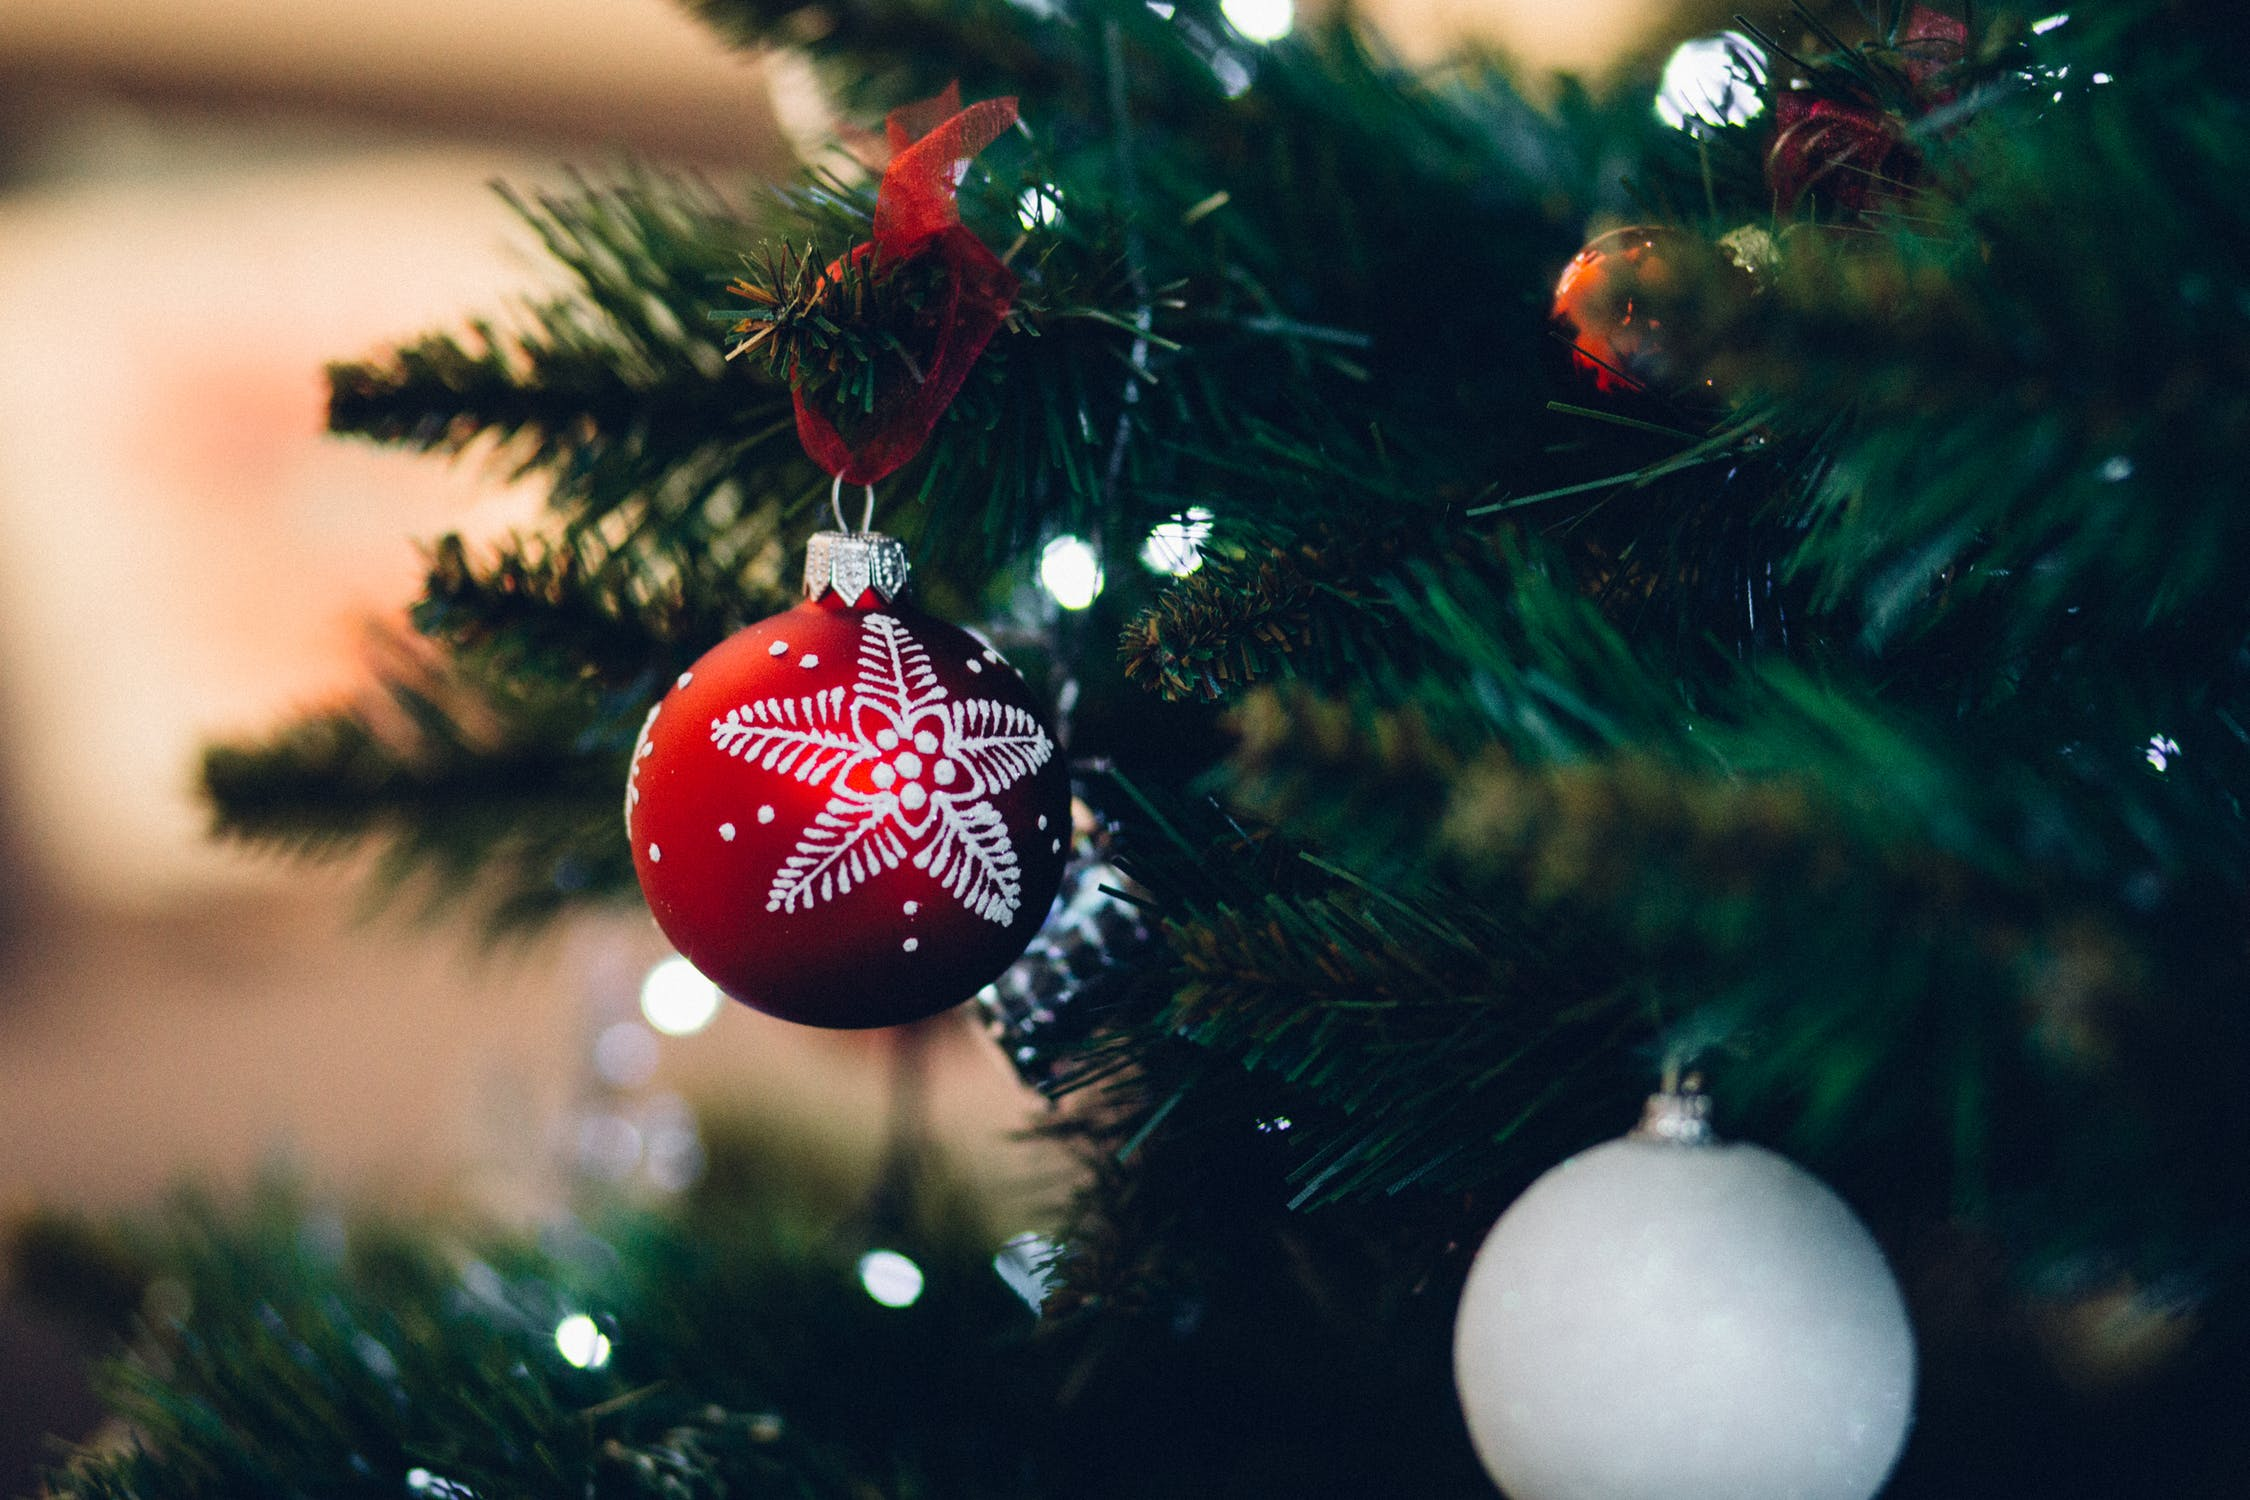 natale 2020 - capodanno 2021 - buone feste - tecno 3d - auguri - cristmas